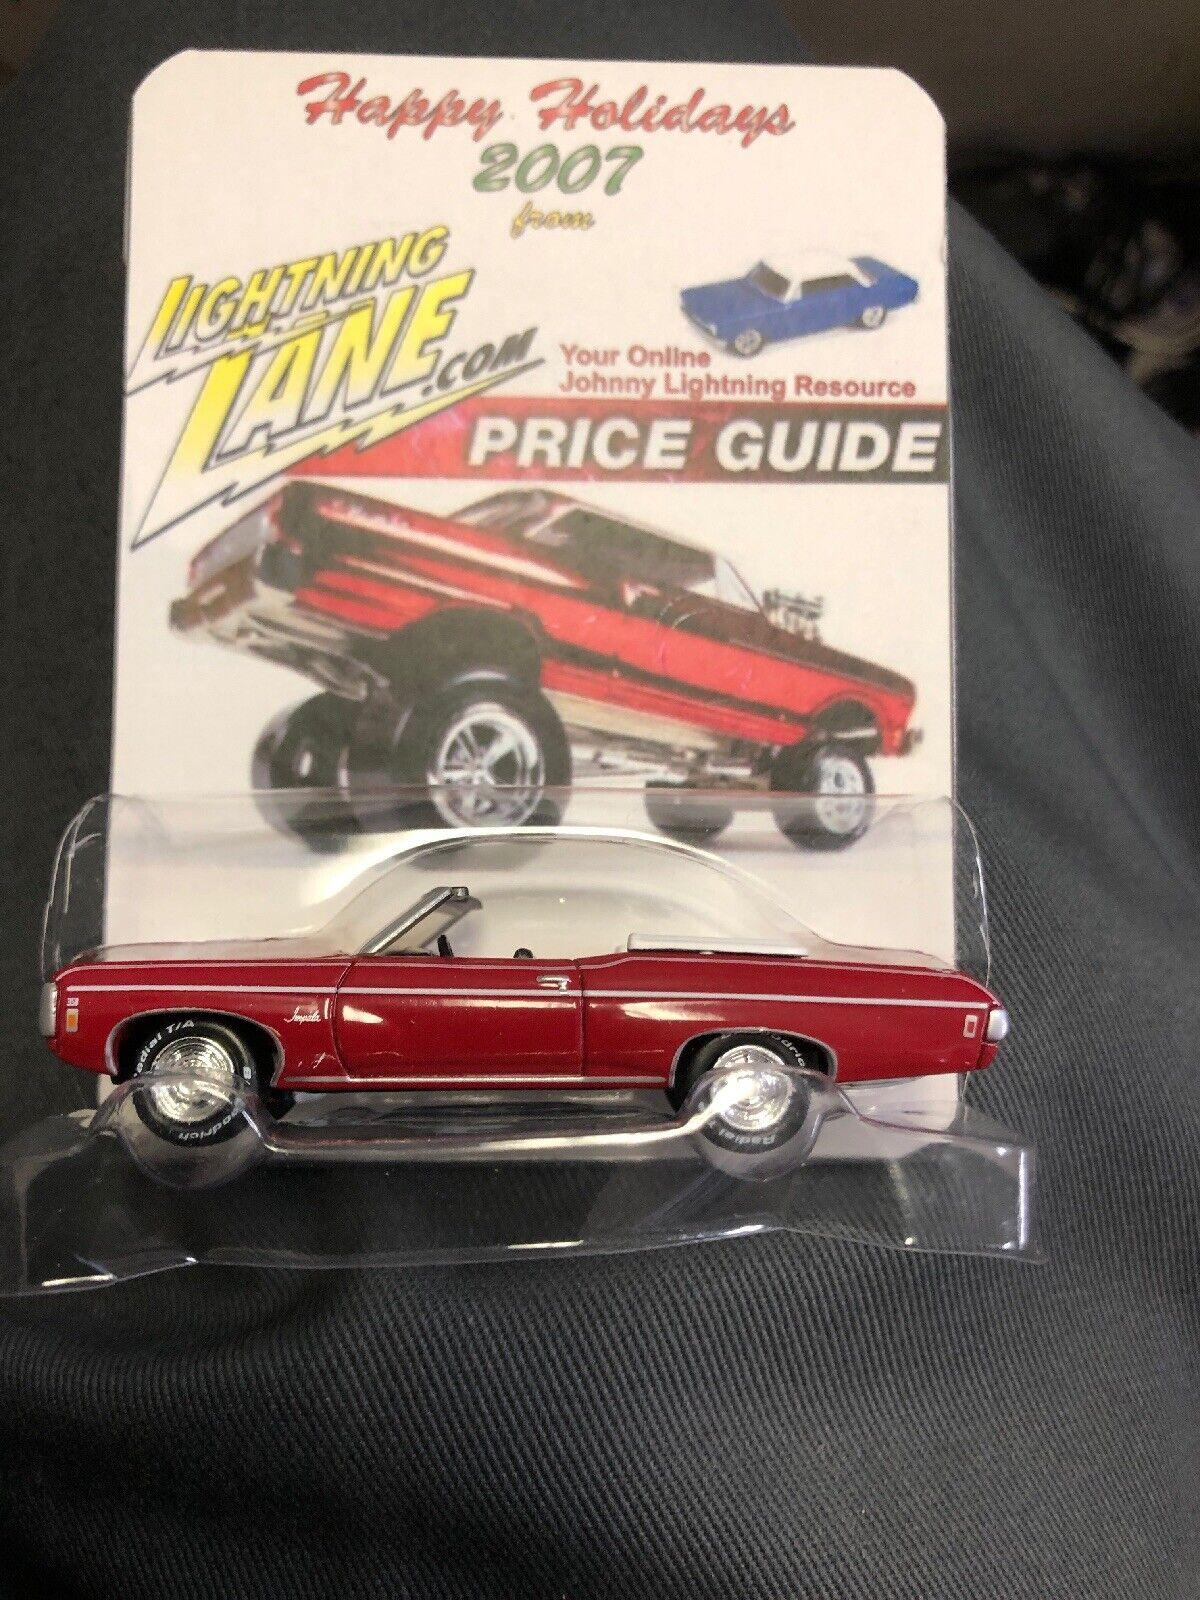 Johnny Lightning 2007 Happy Holidays 1969 Chevy Impala Predo-Type